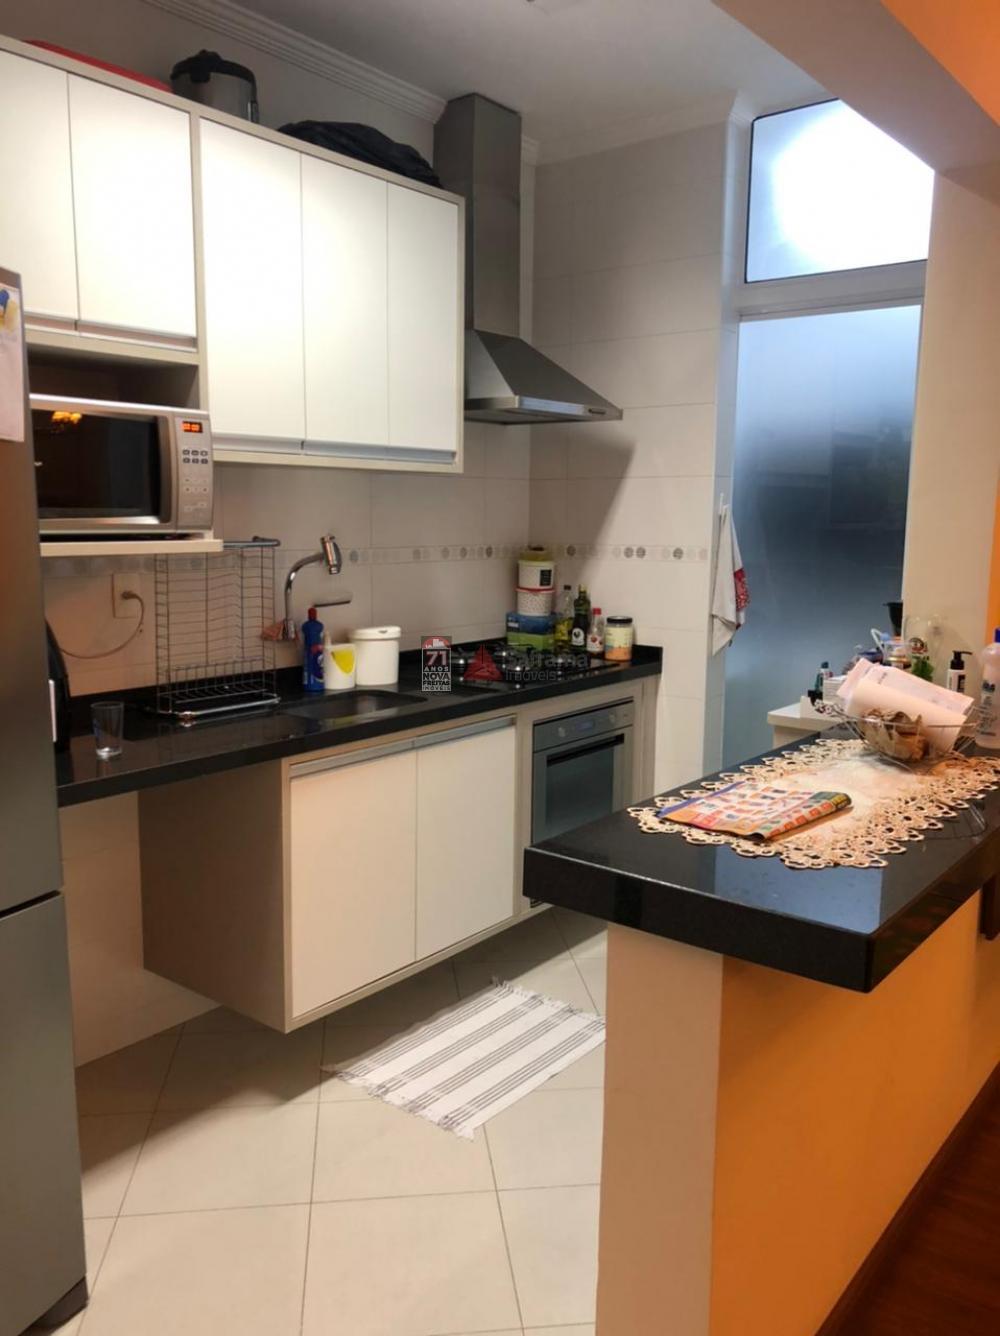 Comprar Apartamento / Padrão em Pindamonhangaba R$ 400.000,00 - Foto 7